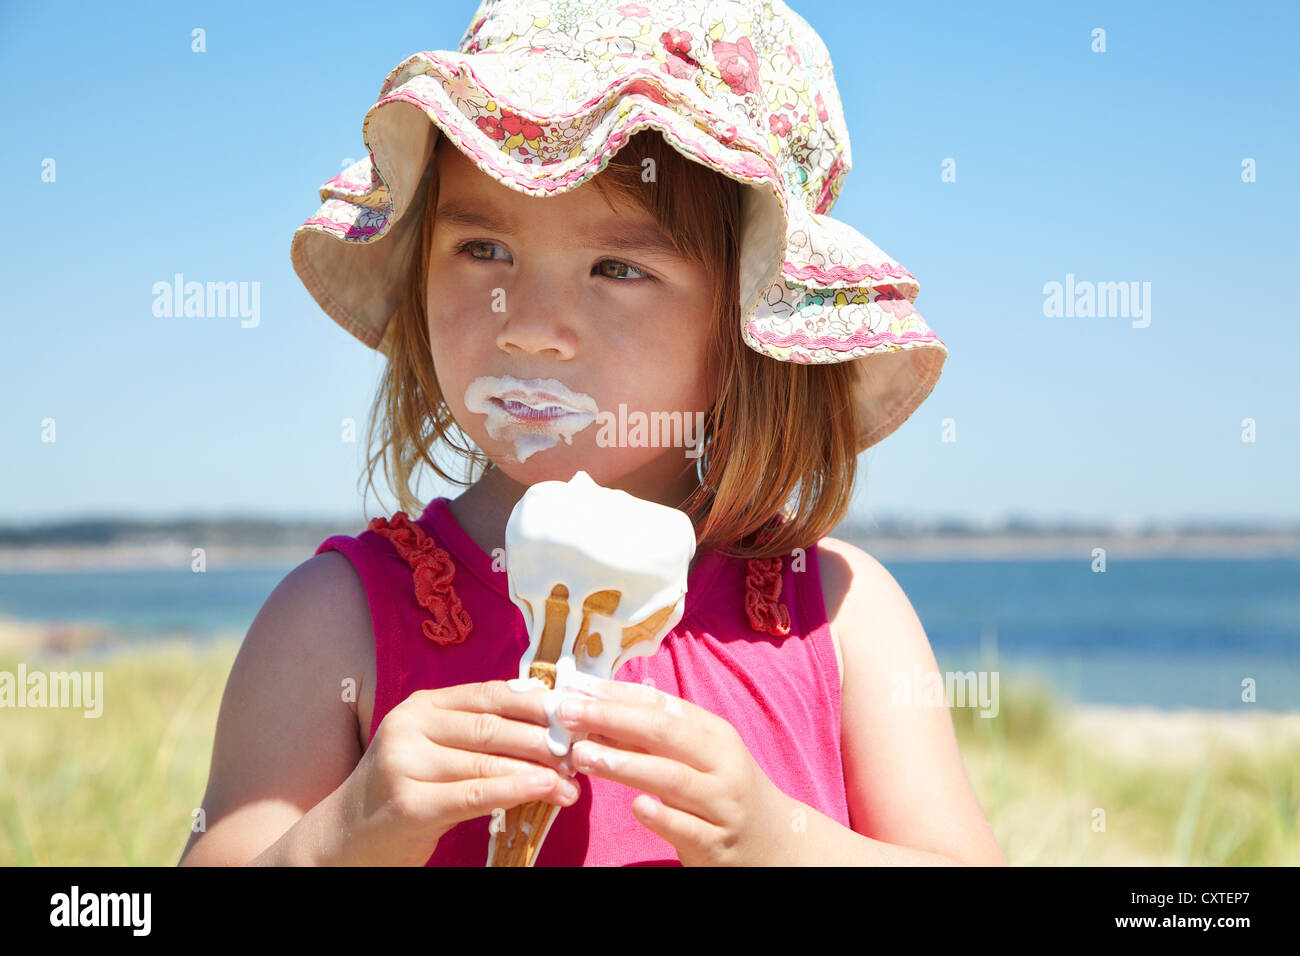 Mädchen, Essen ein Eis am Strand Stockbild